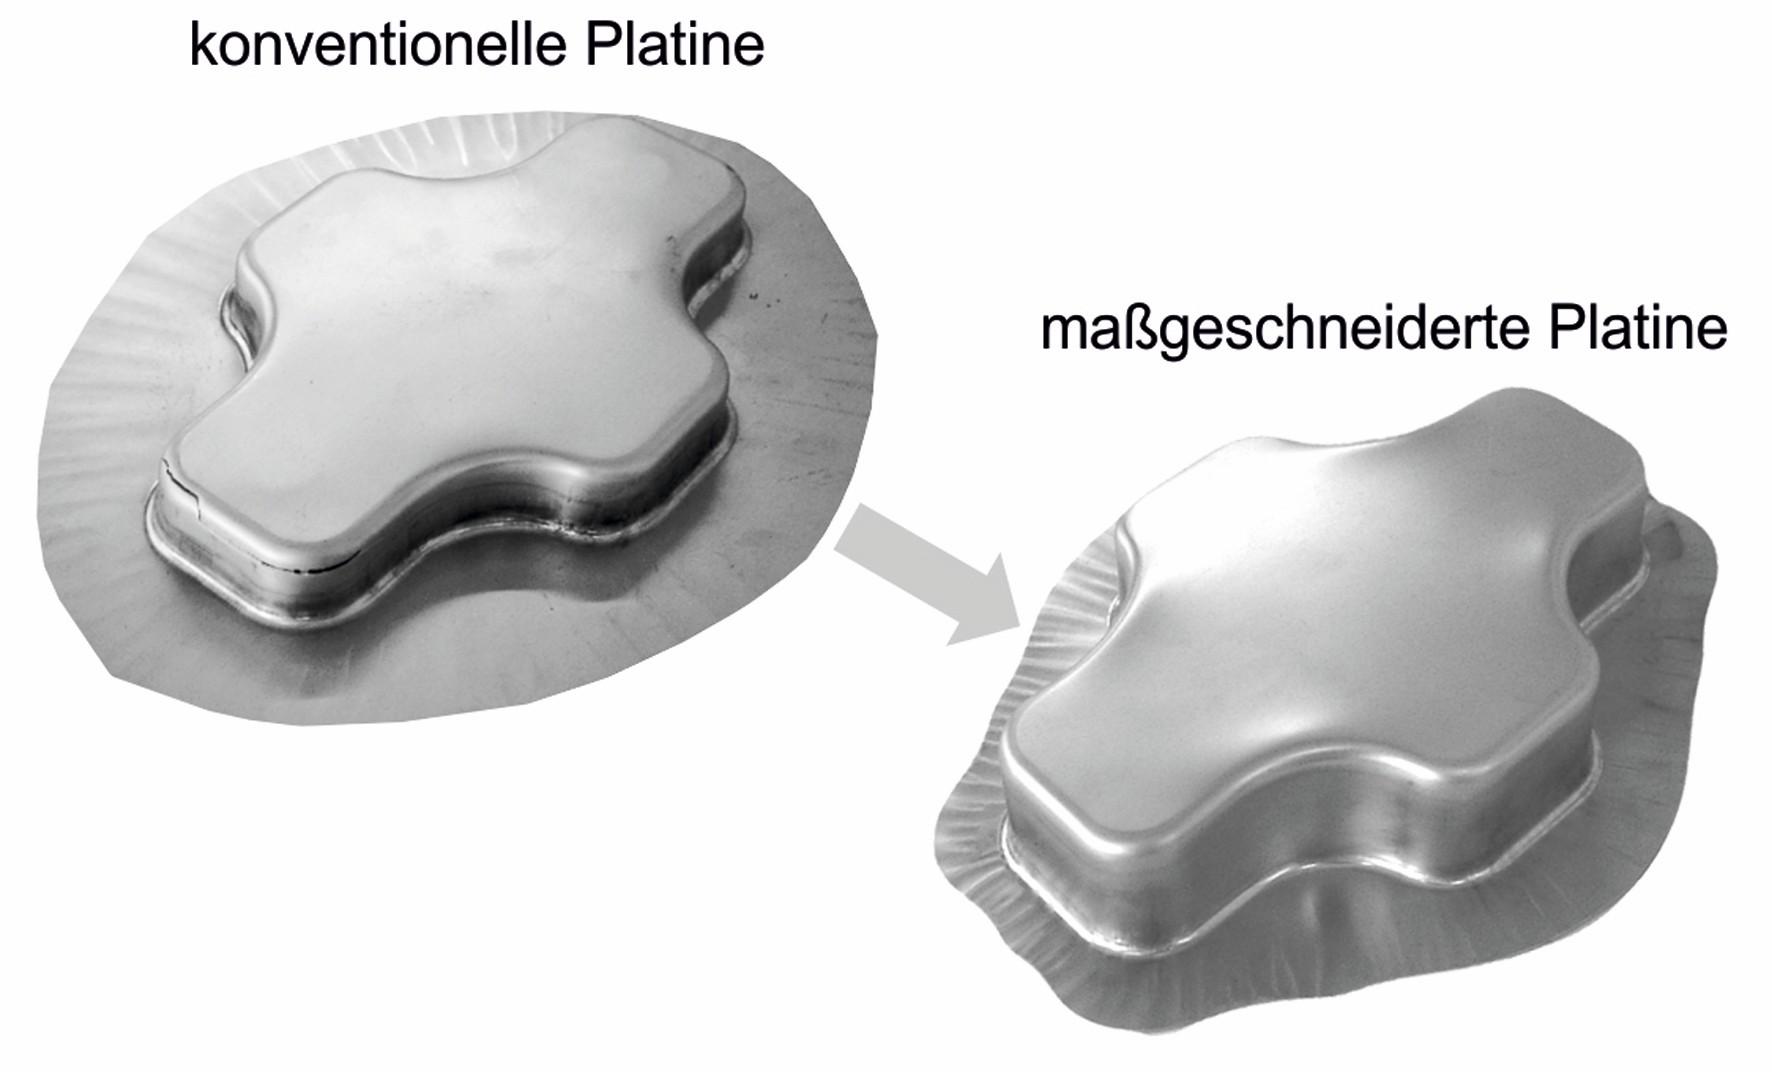 Bild 2 Vergleich von konventionellen und maßgeschneiderten Platinen am Beispiel eines tiefgezogenen Kreuznapfes. Bild: Friedrich-Alexander-Universität Erlangen-Nürnberg